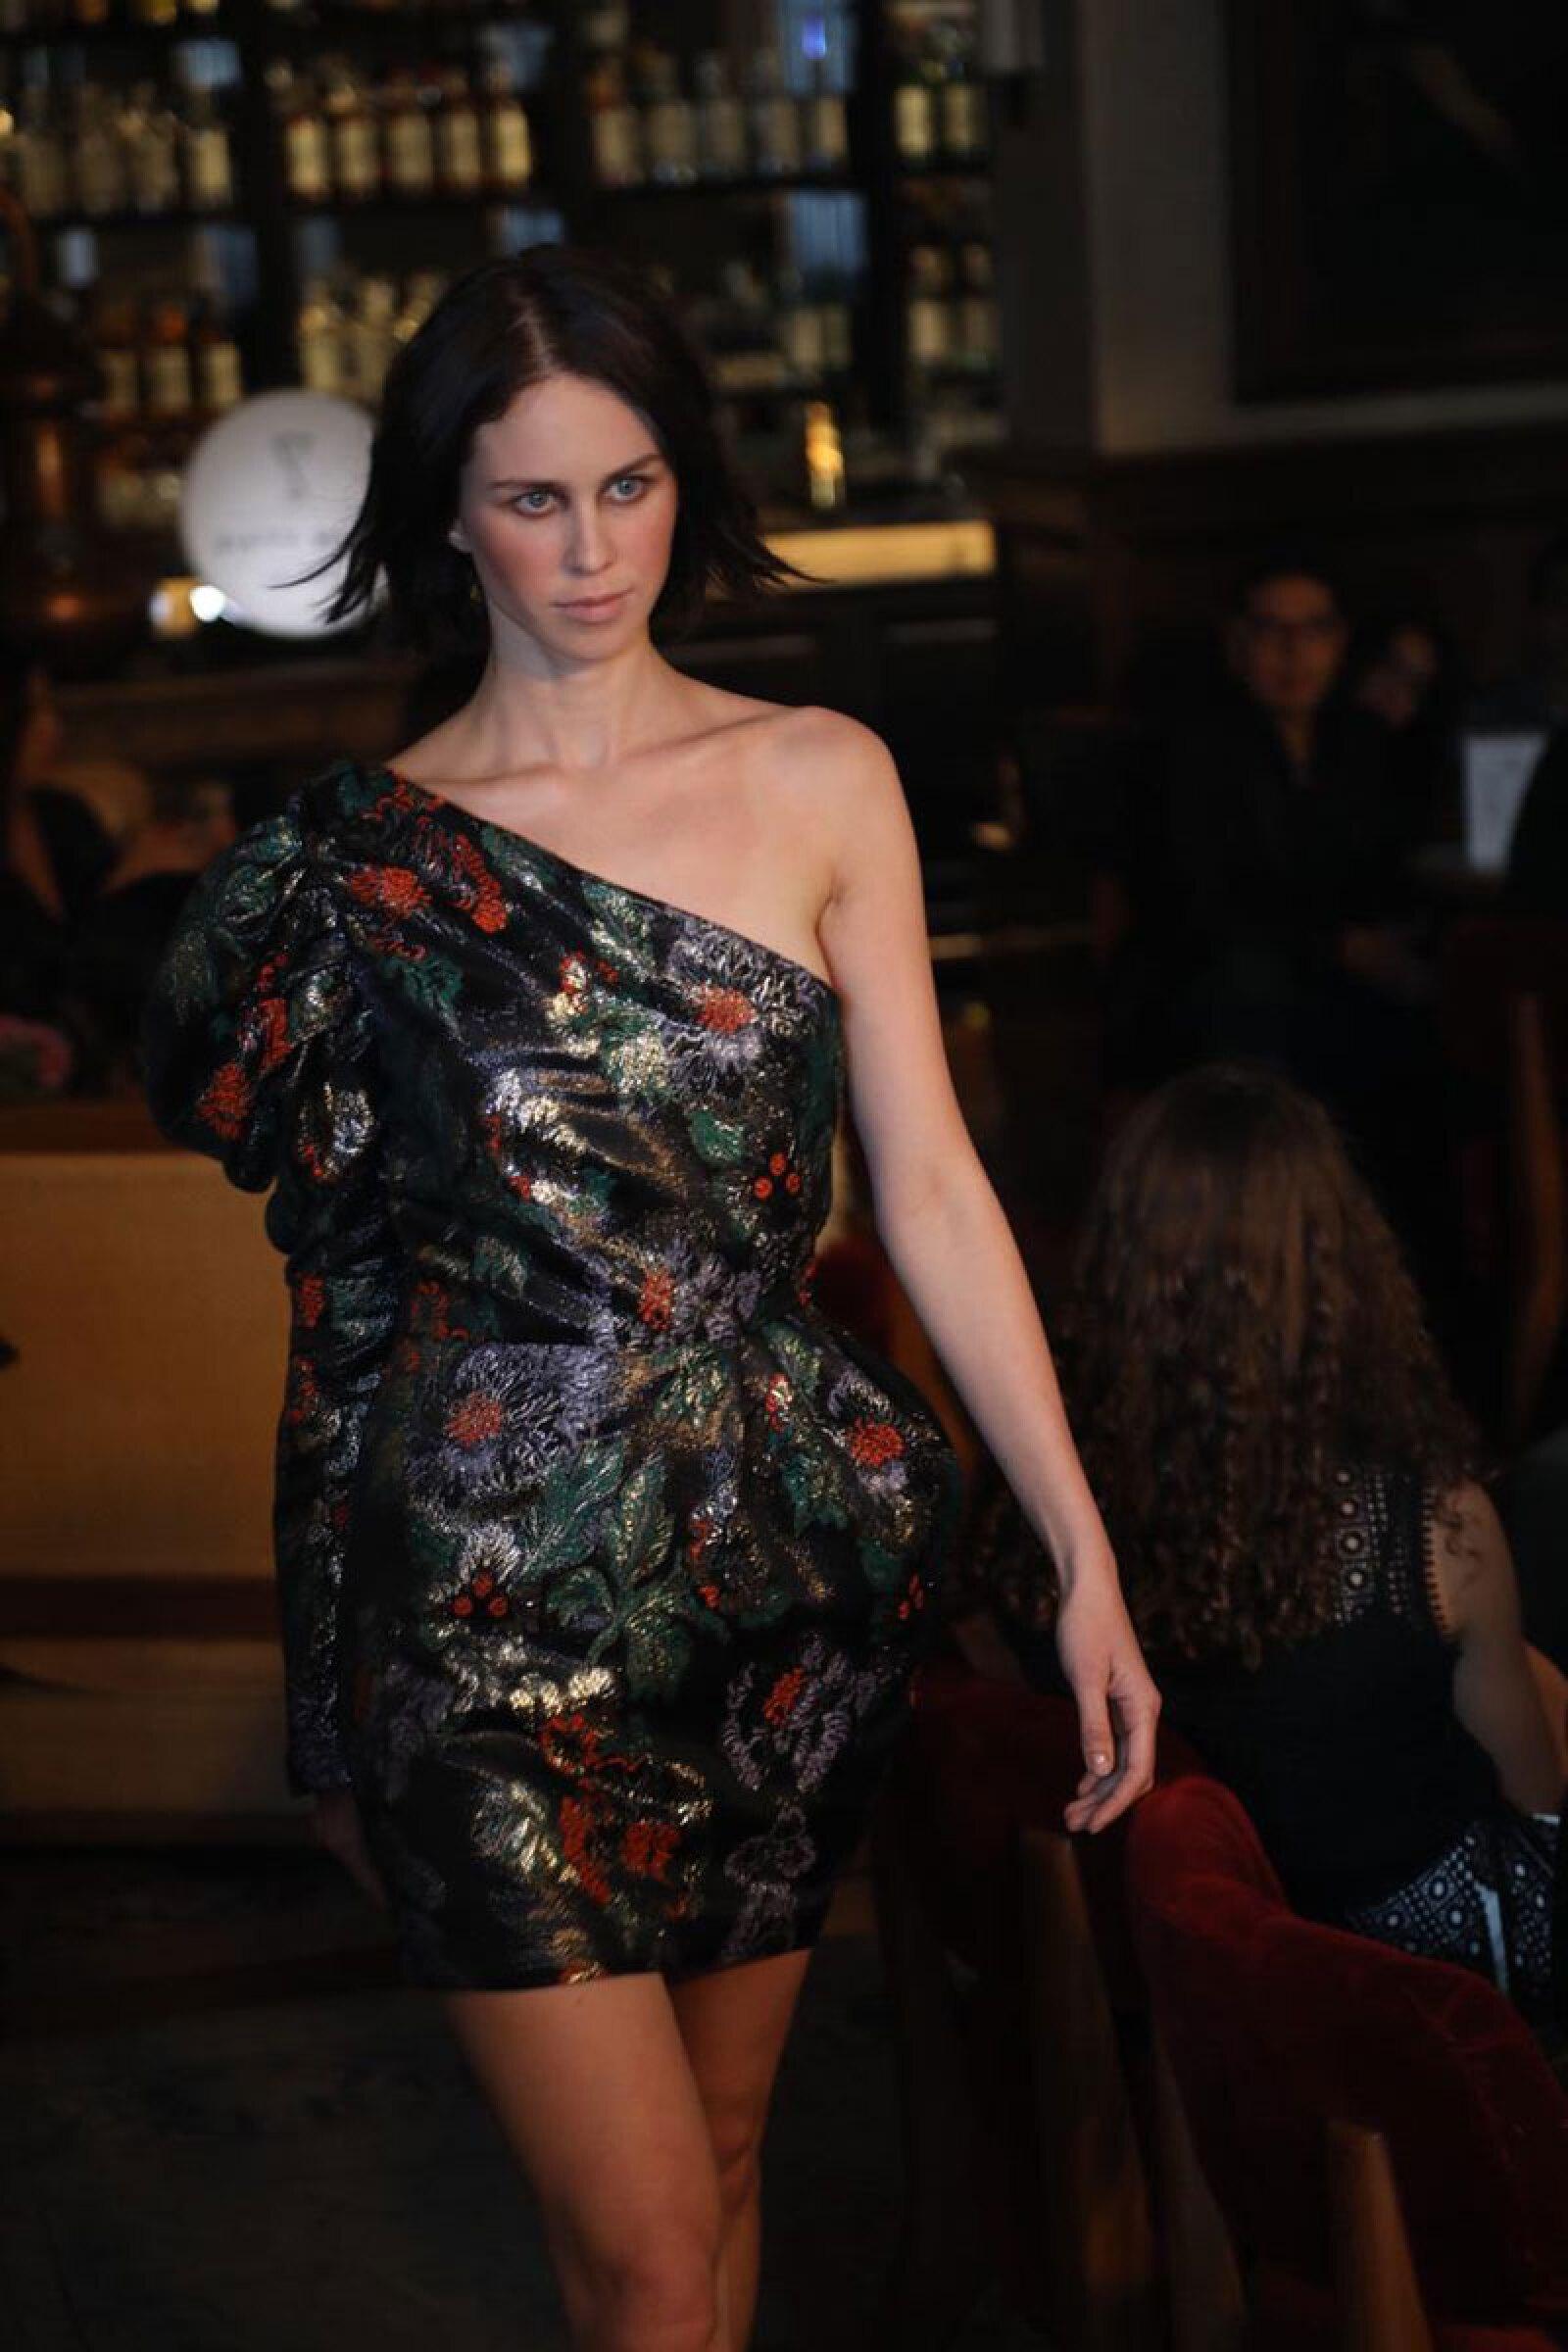 Sandra-Weil-MBFWMX-Runway-Floral-Short-Dress